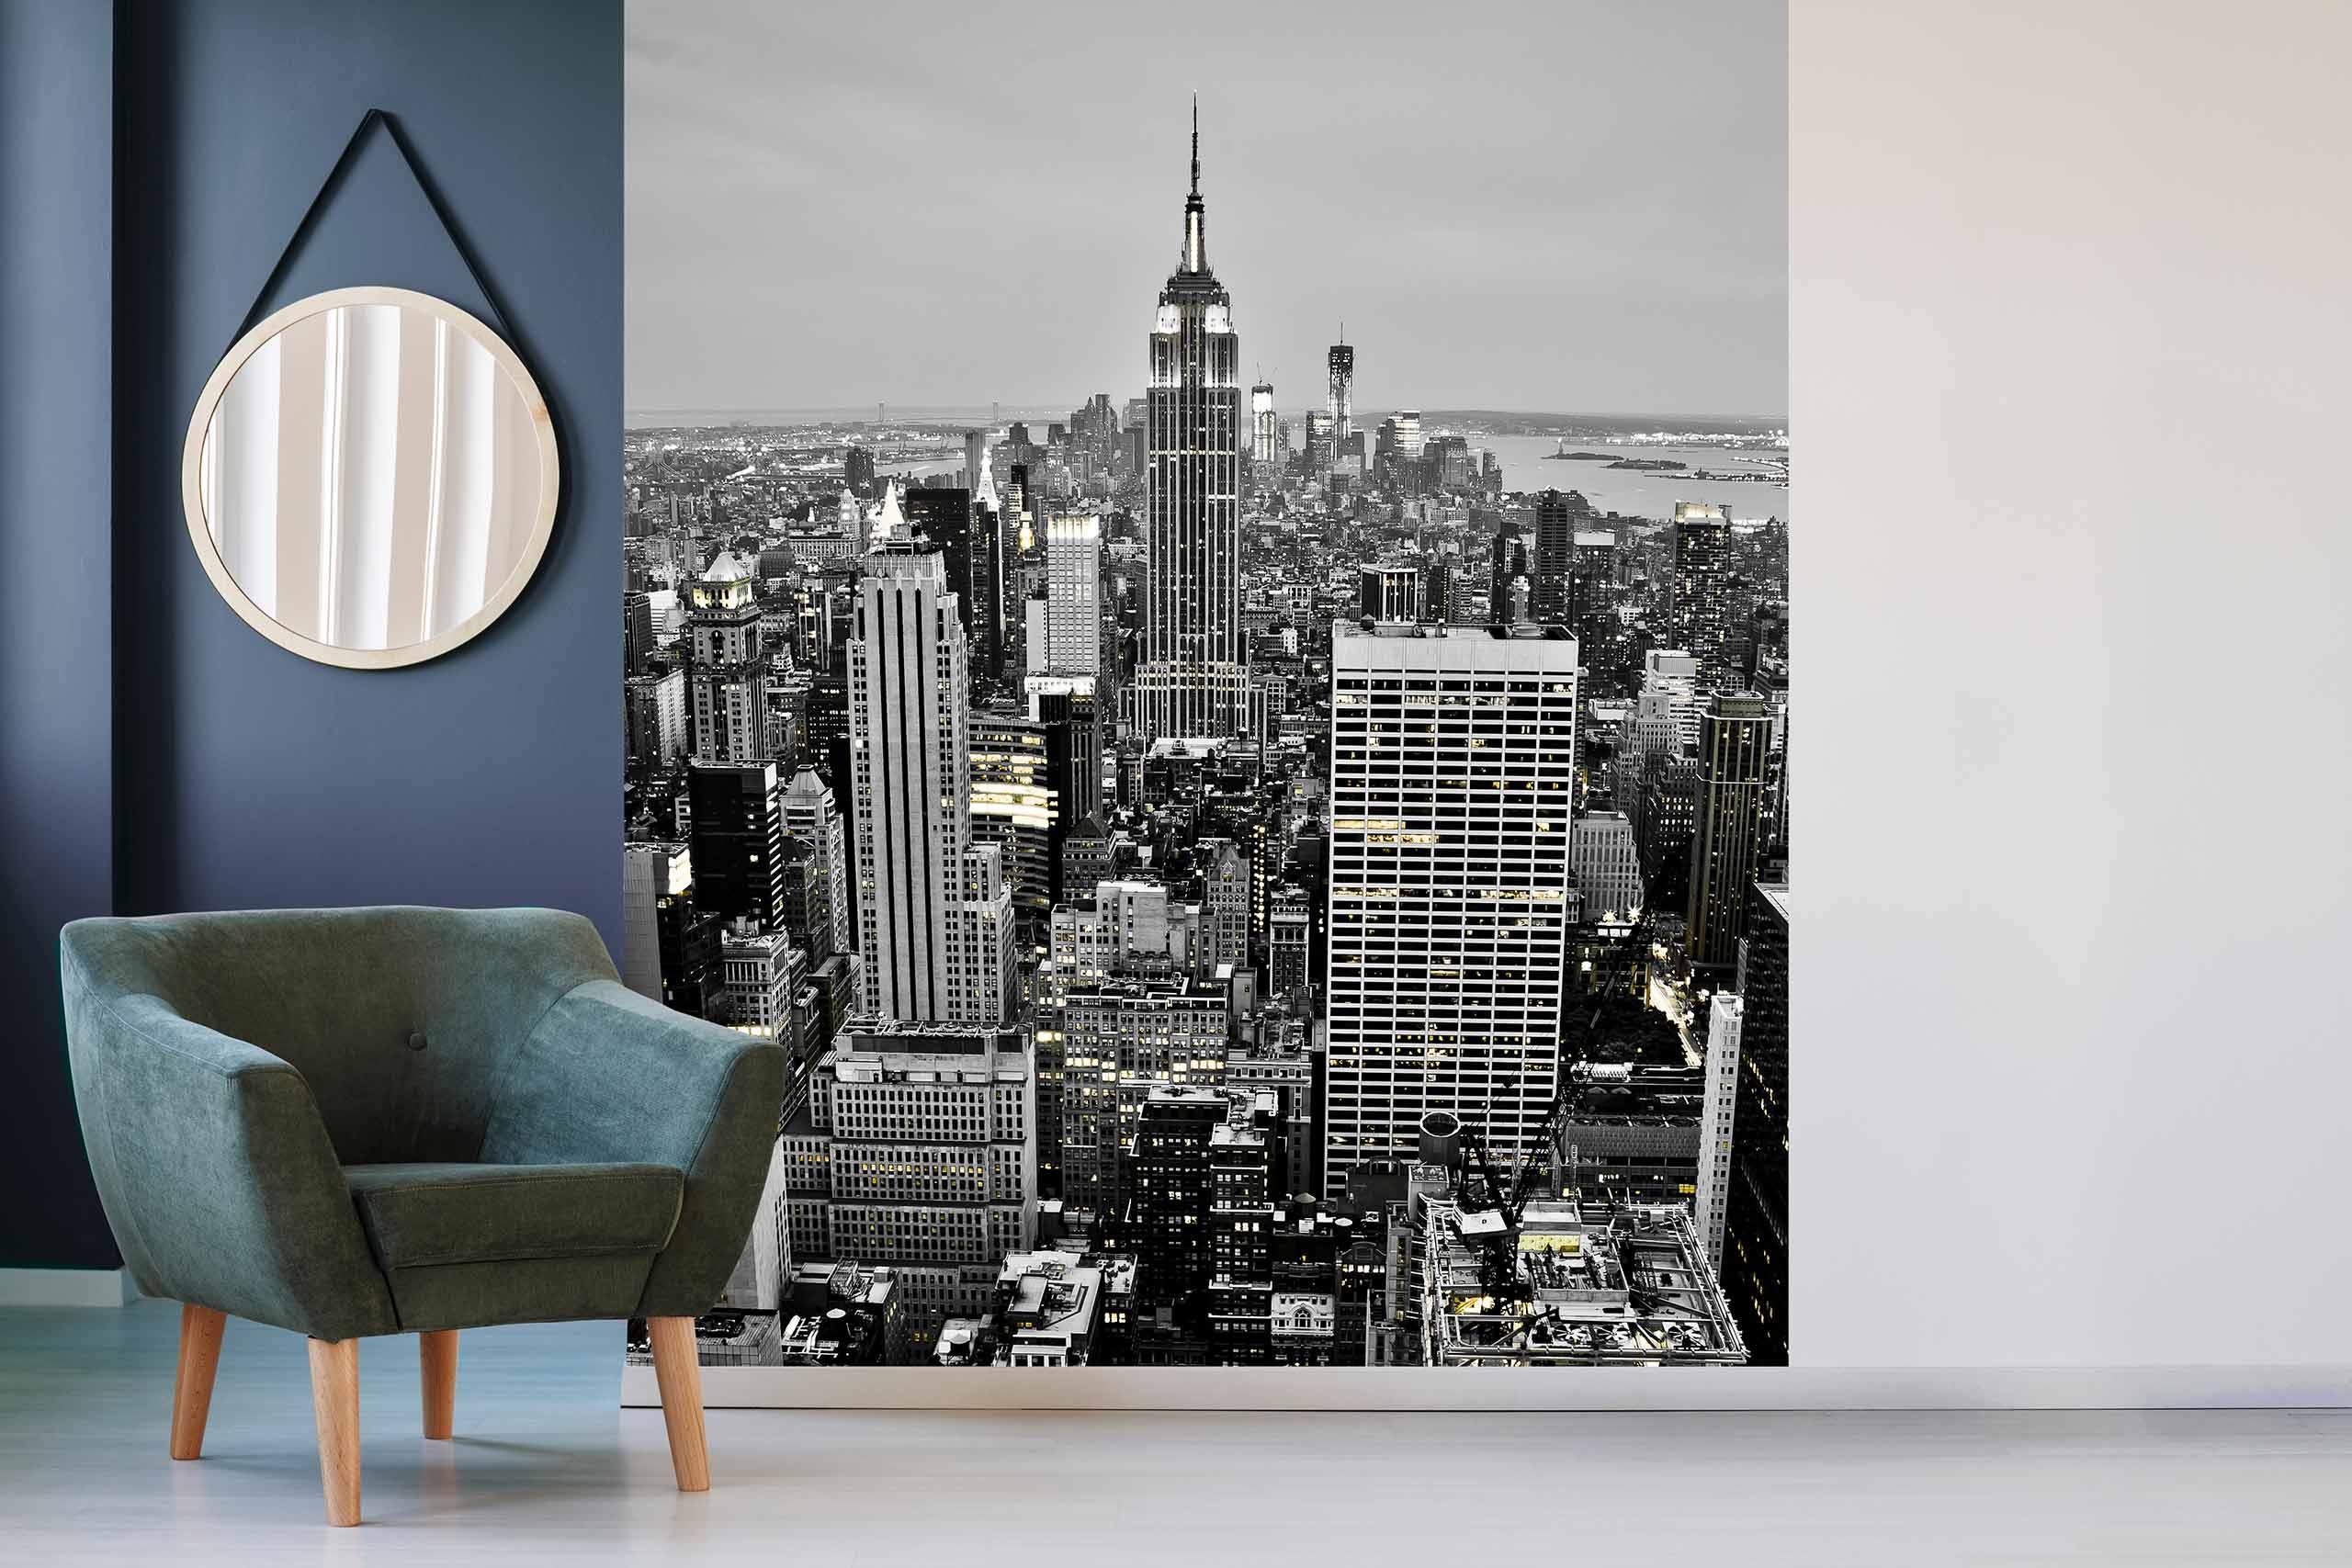 Vlies Tapete 225 Fototapete Höhe 250cm Motiv 100 New York Schwarz-Weiß